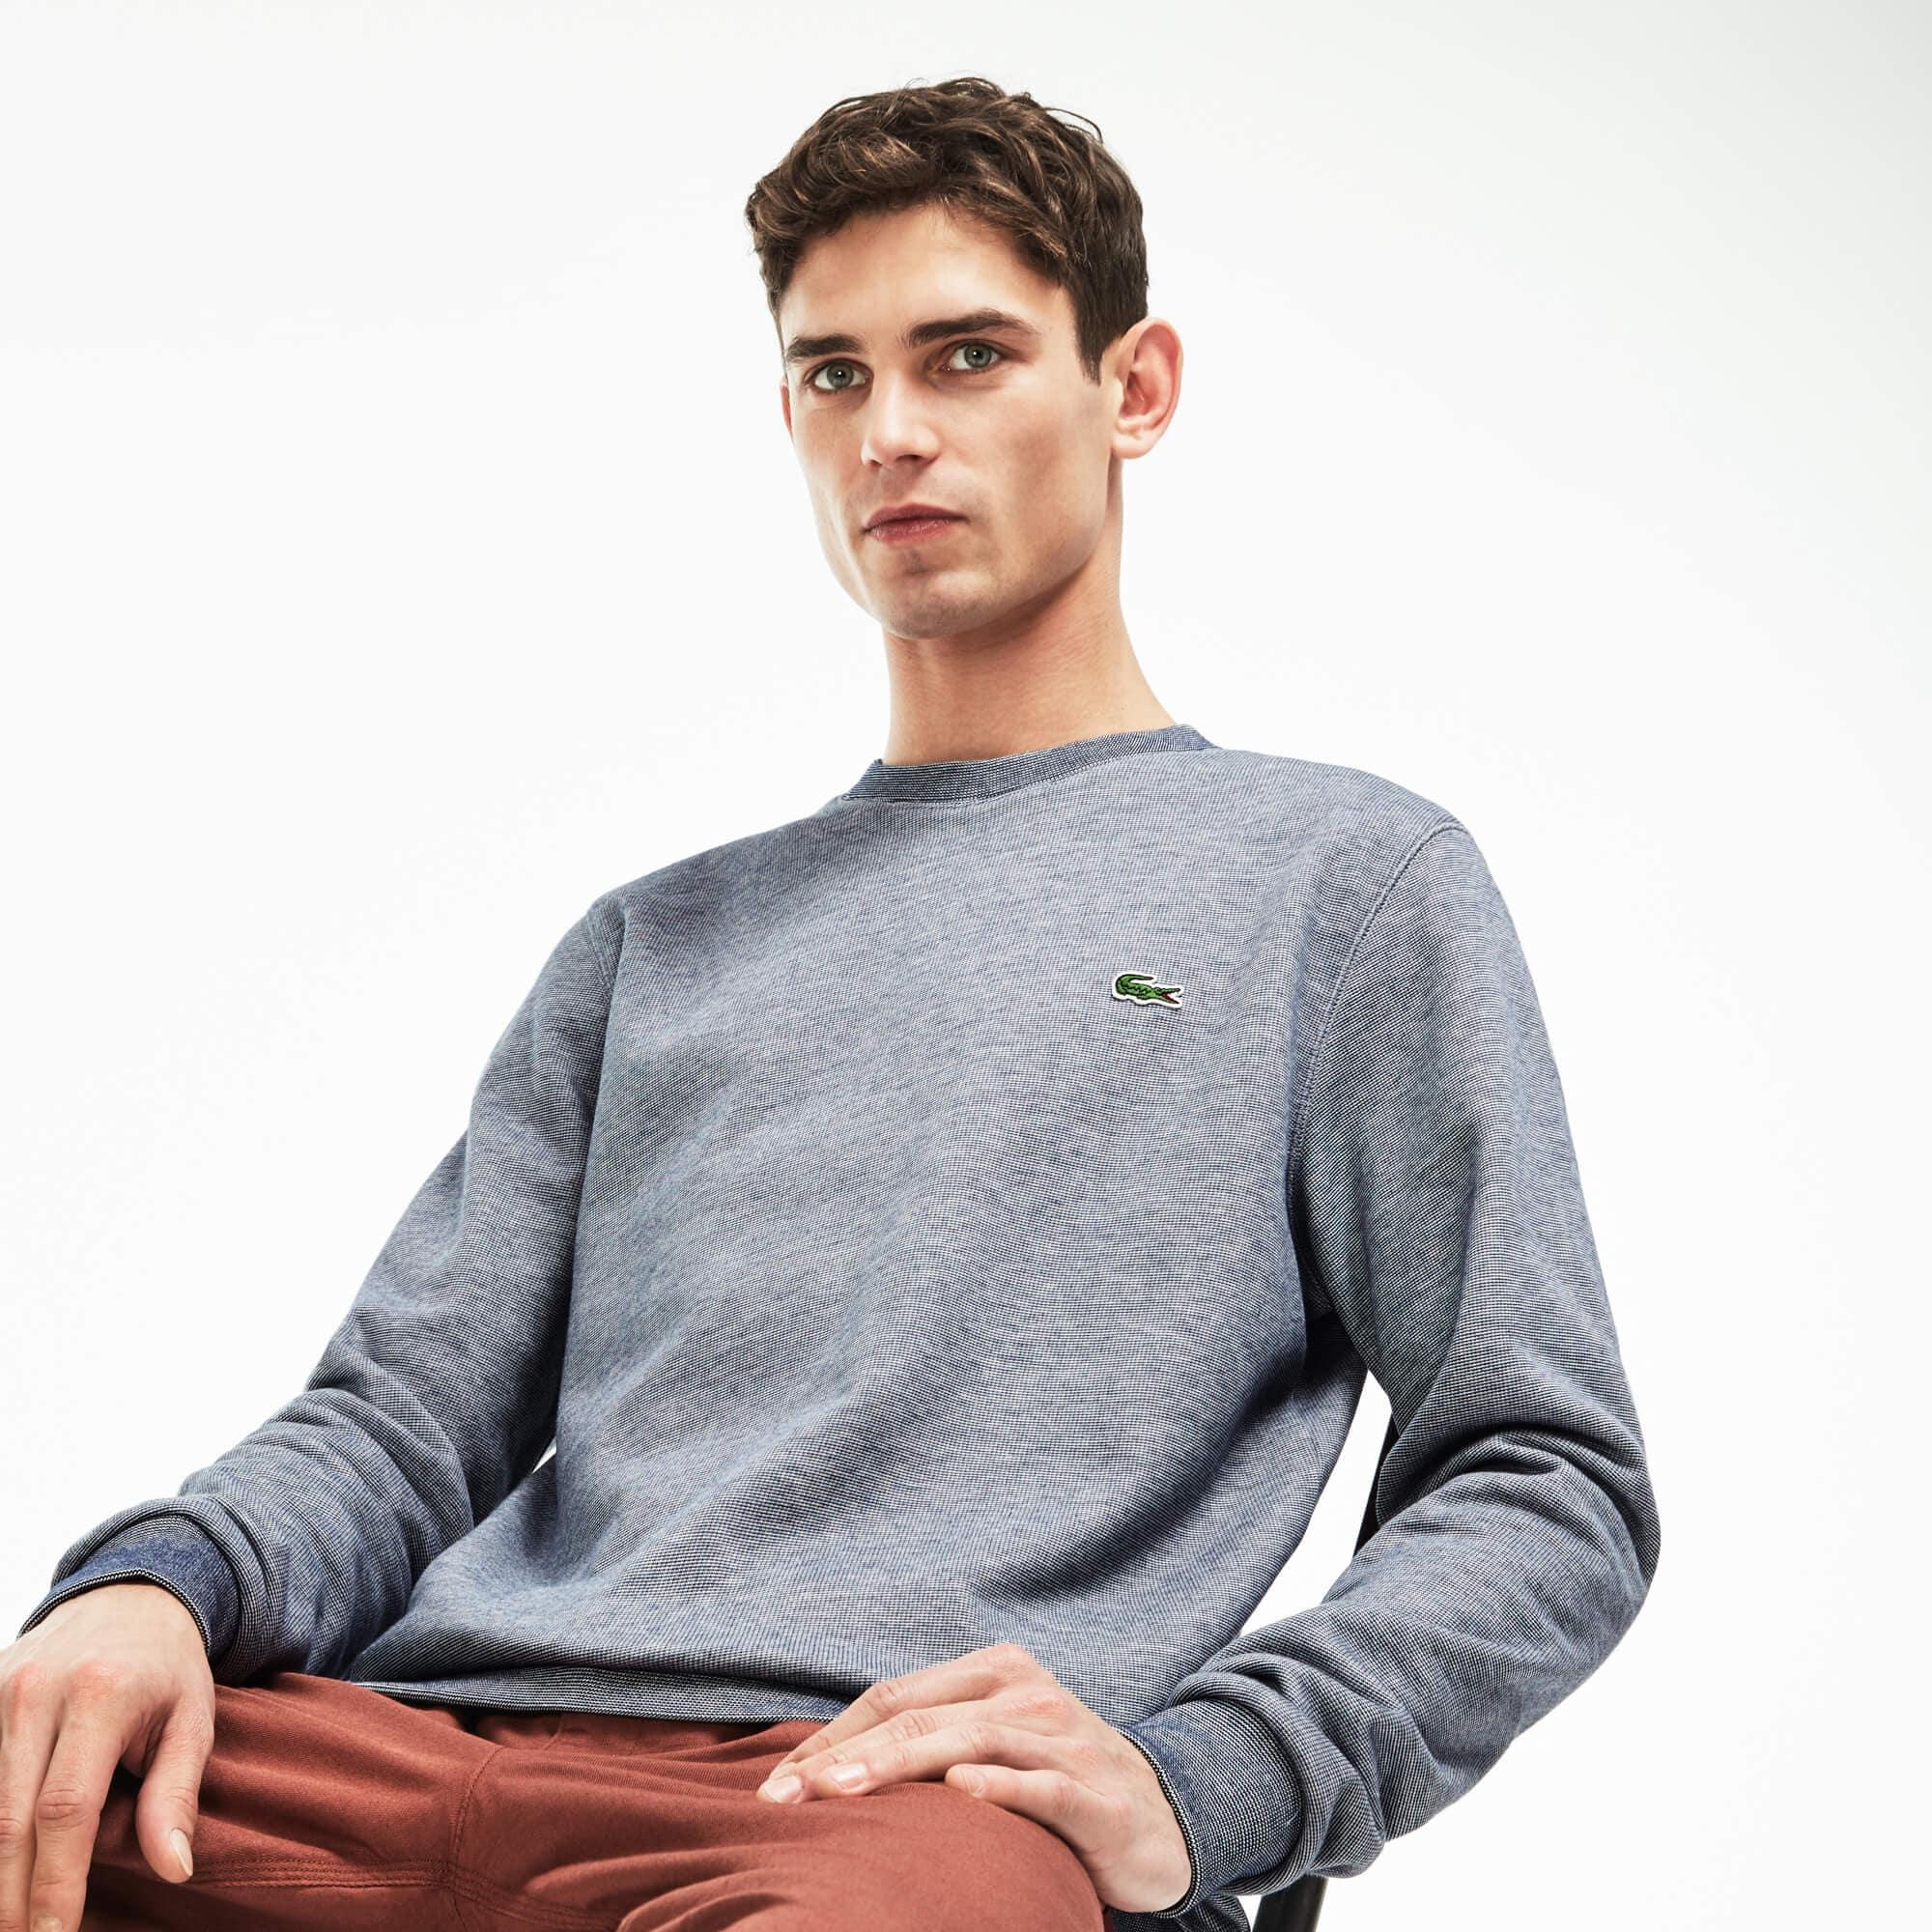 Men's Crew Neck Brushed Sweatshirt